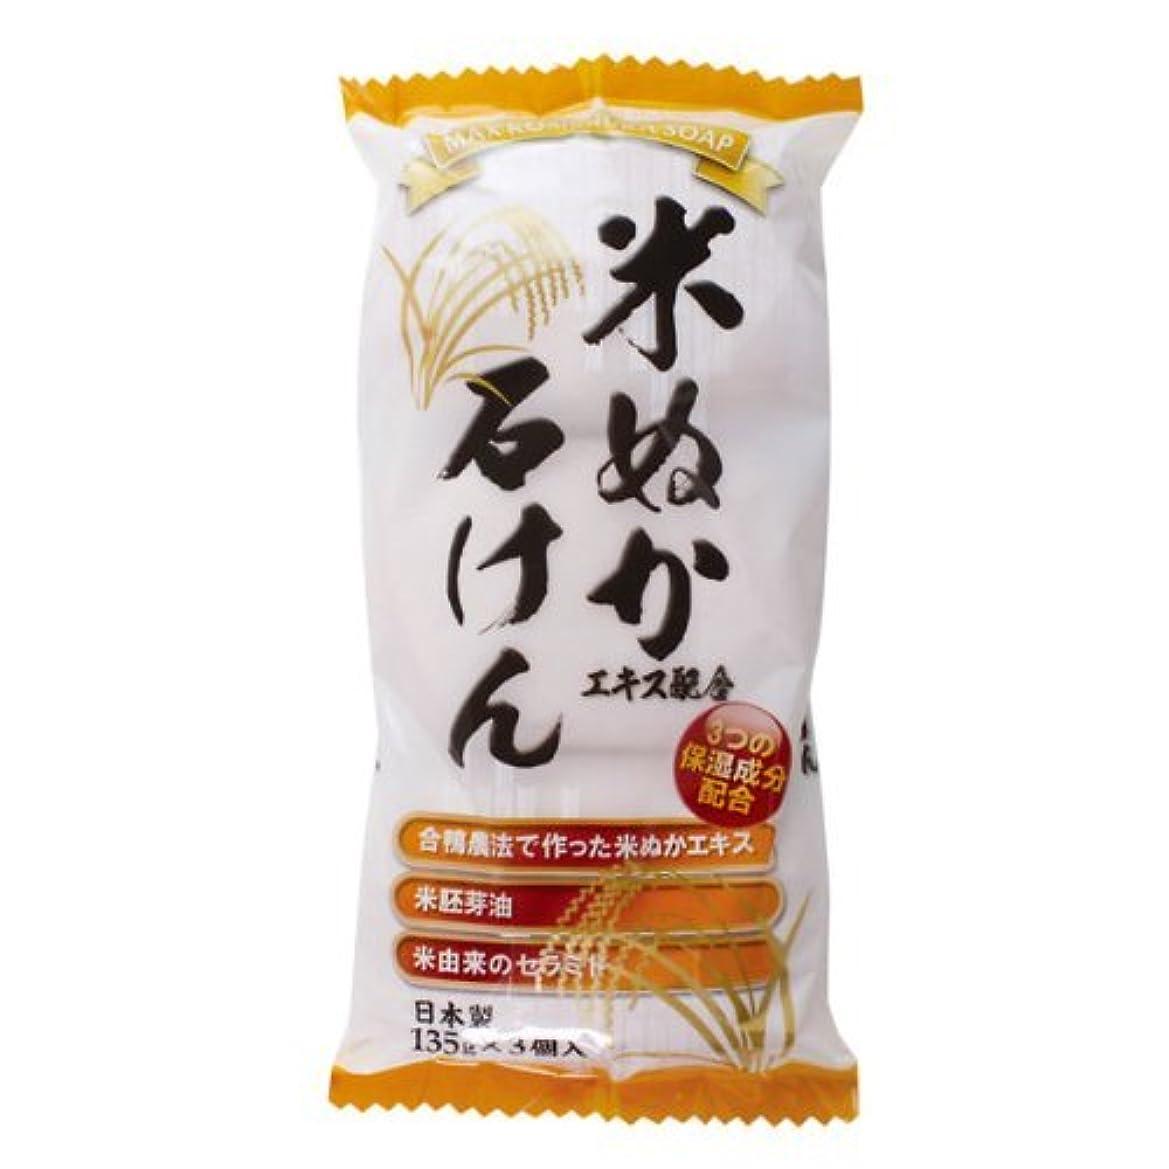 宴会製作過度に米ぬかエキス配合石けん 3個入 135g×3個